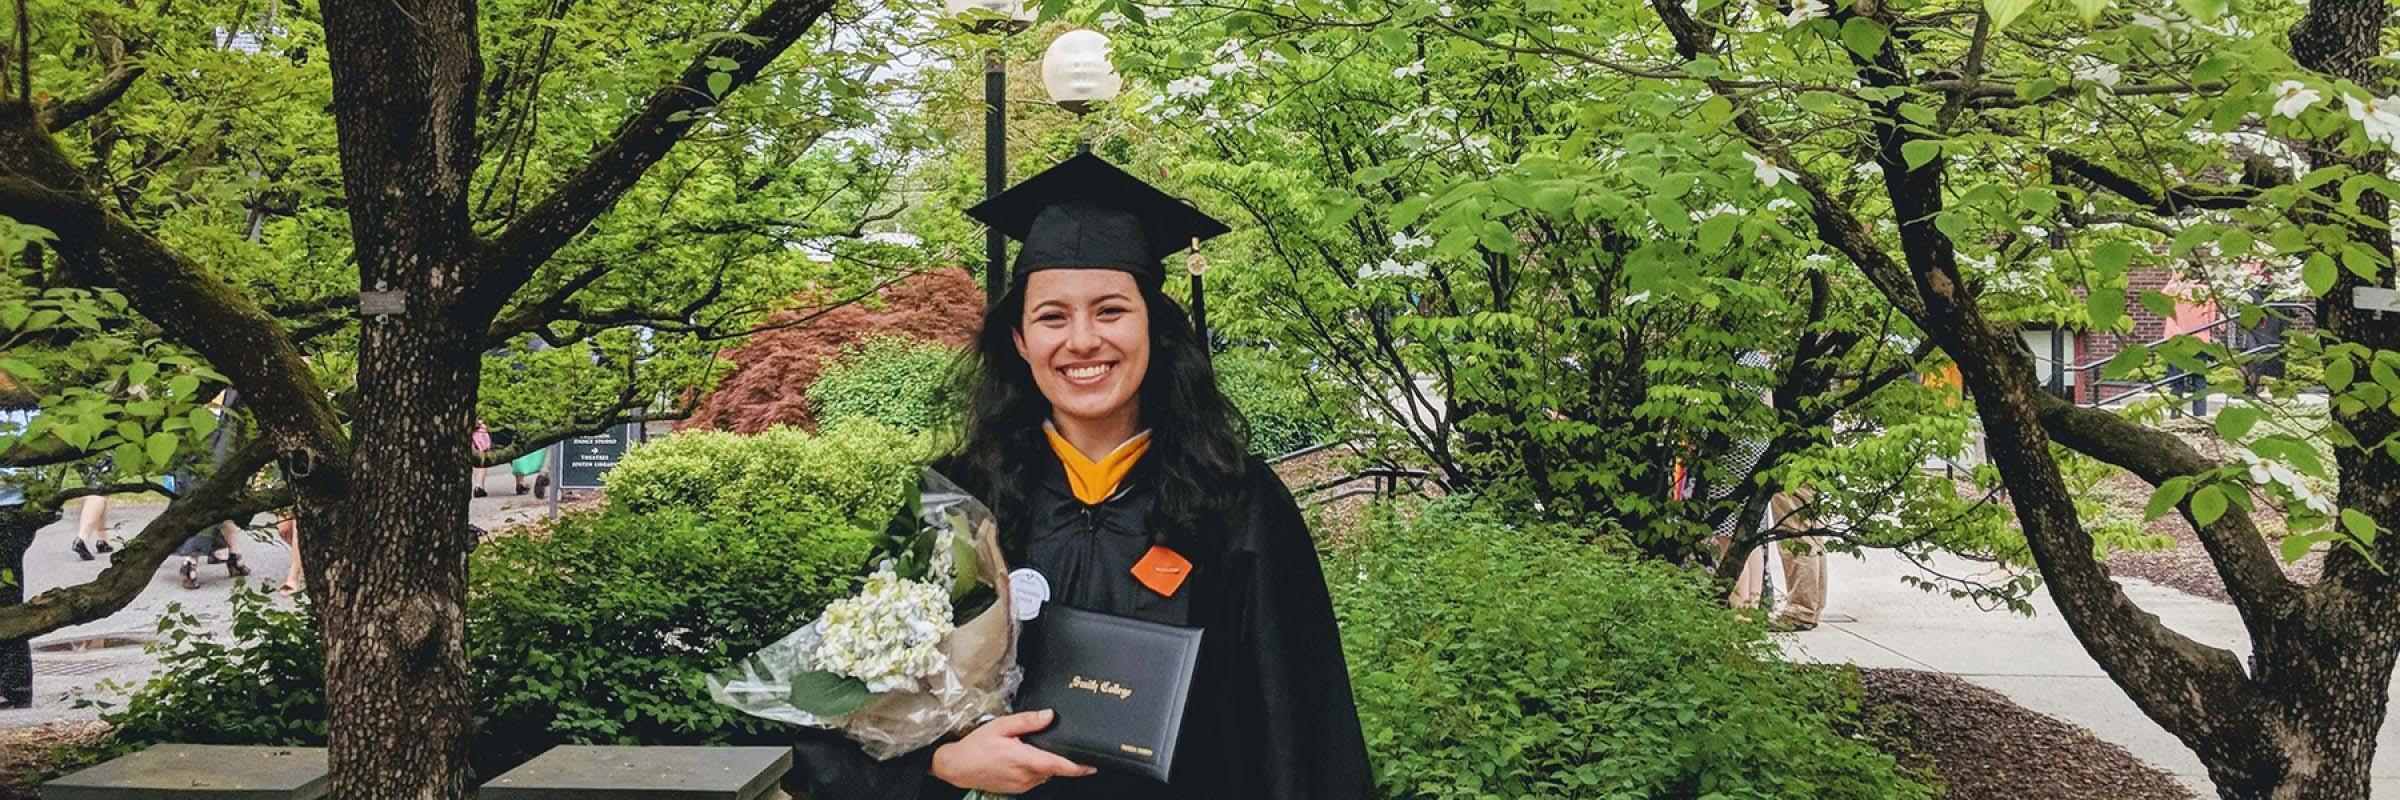 DKSSF graduate